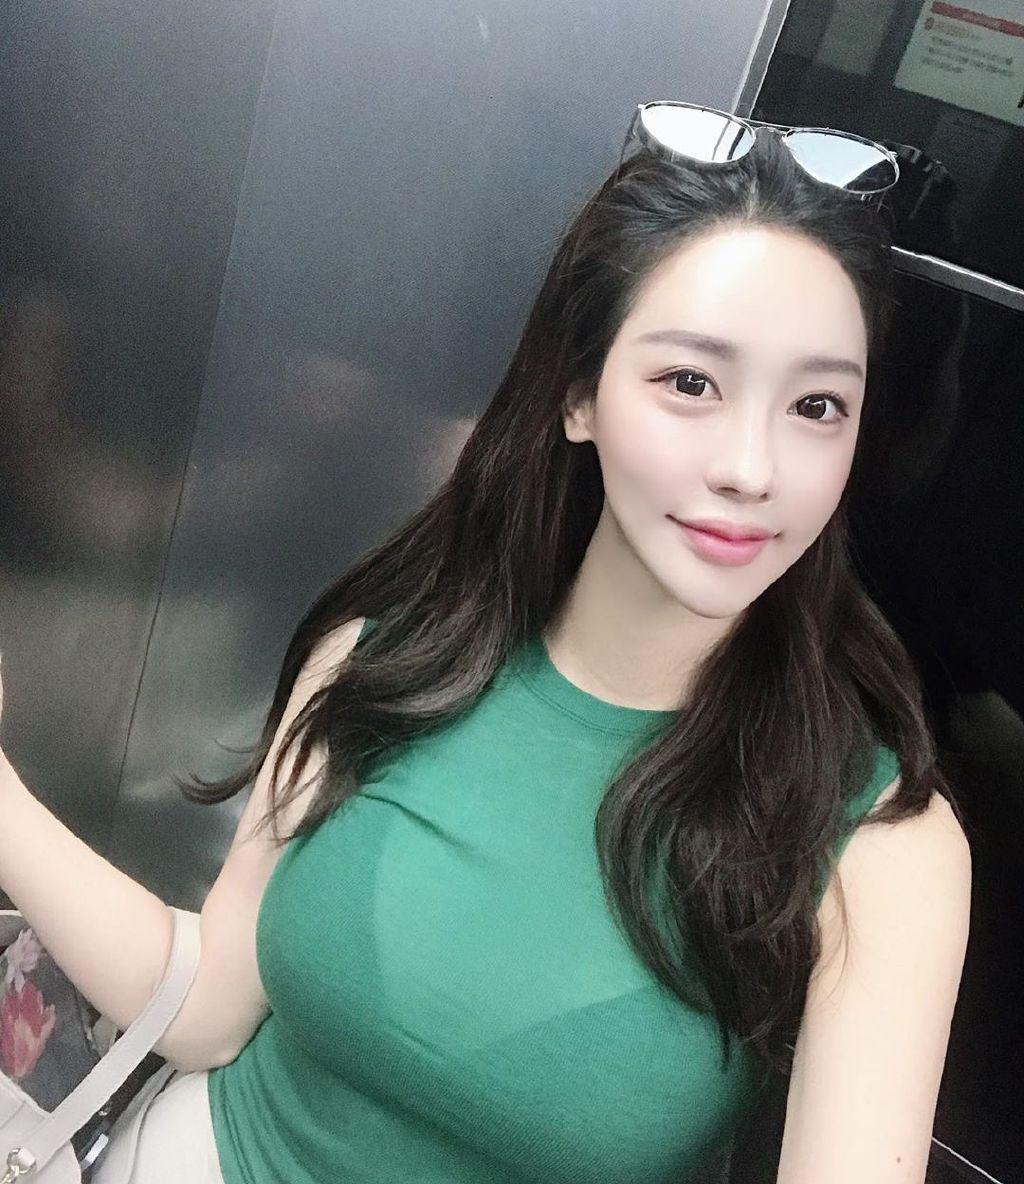 韩国气质model ins:seo_caso